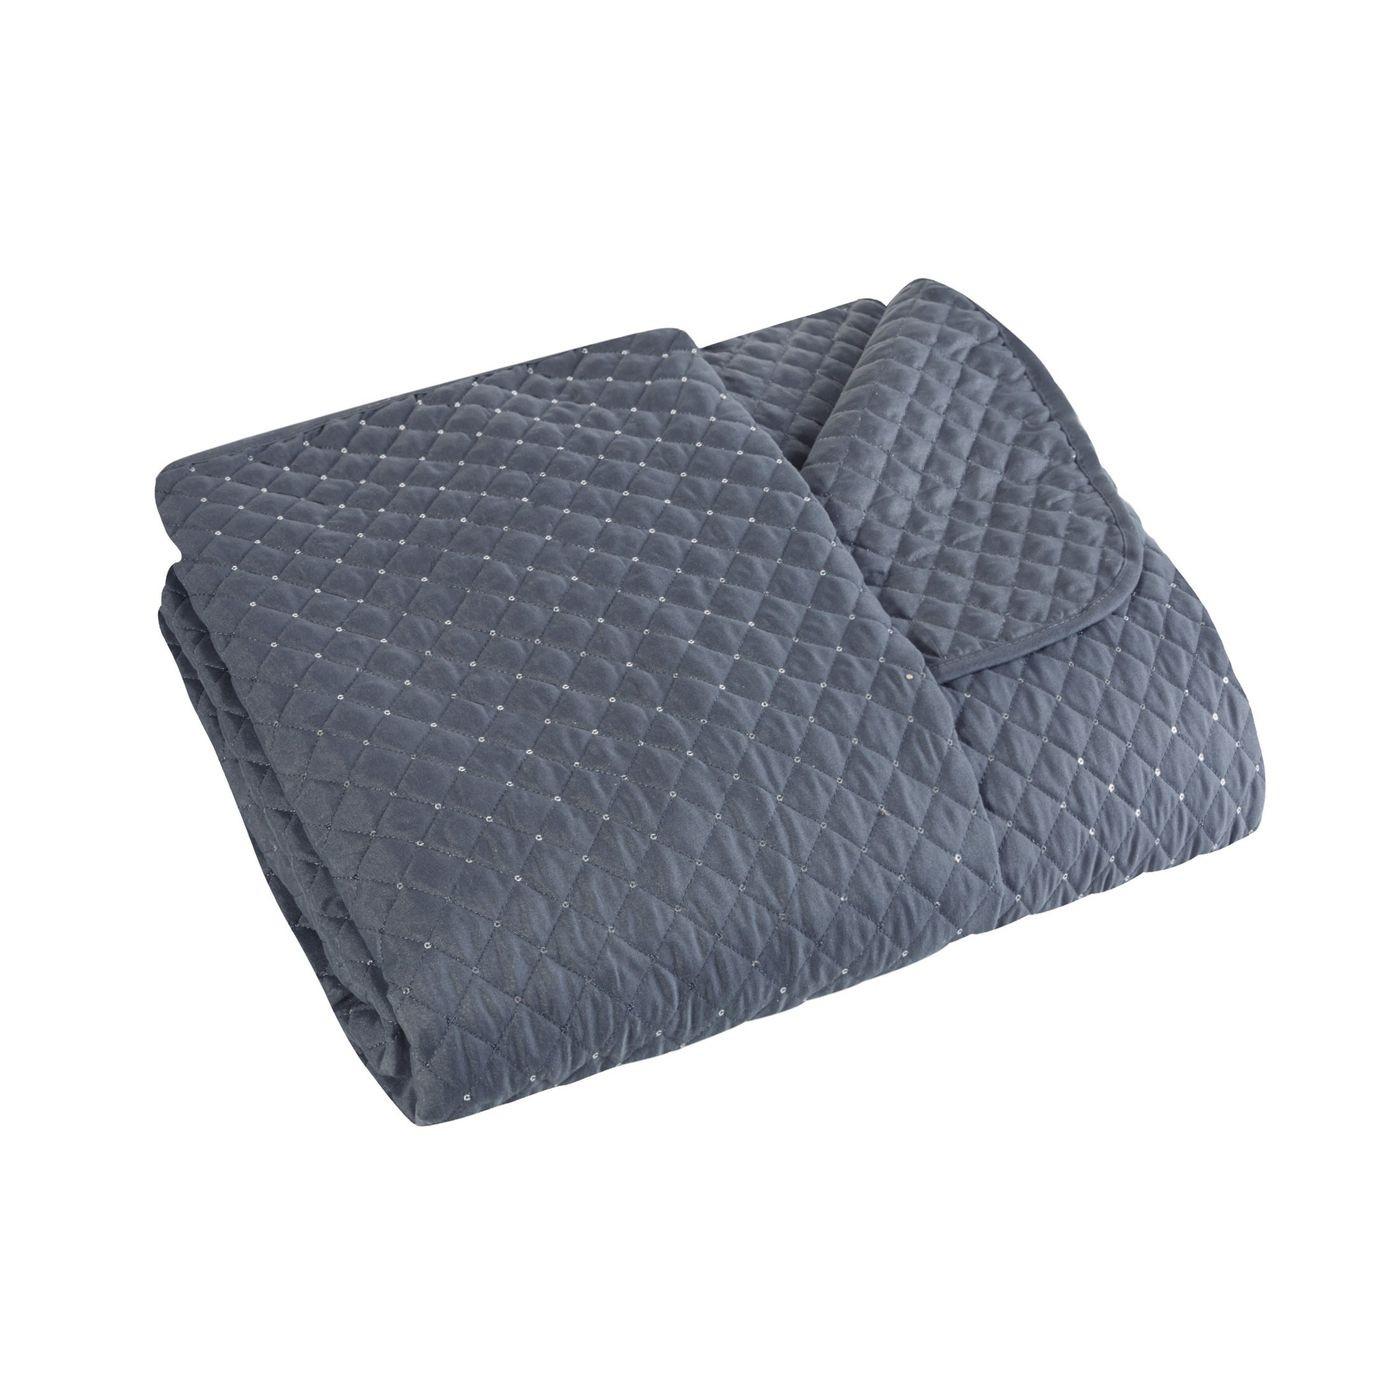 Narzuta na łóżko miękka zdobiona cekinami 220x240 cm stalowa